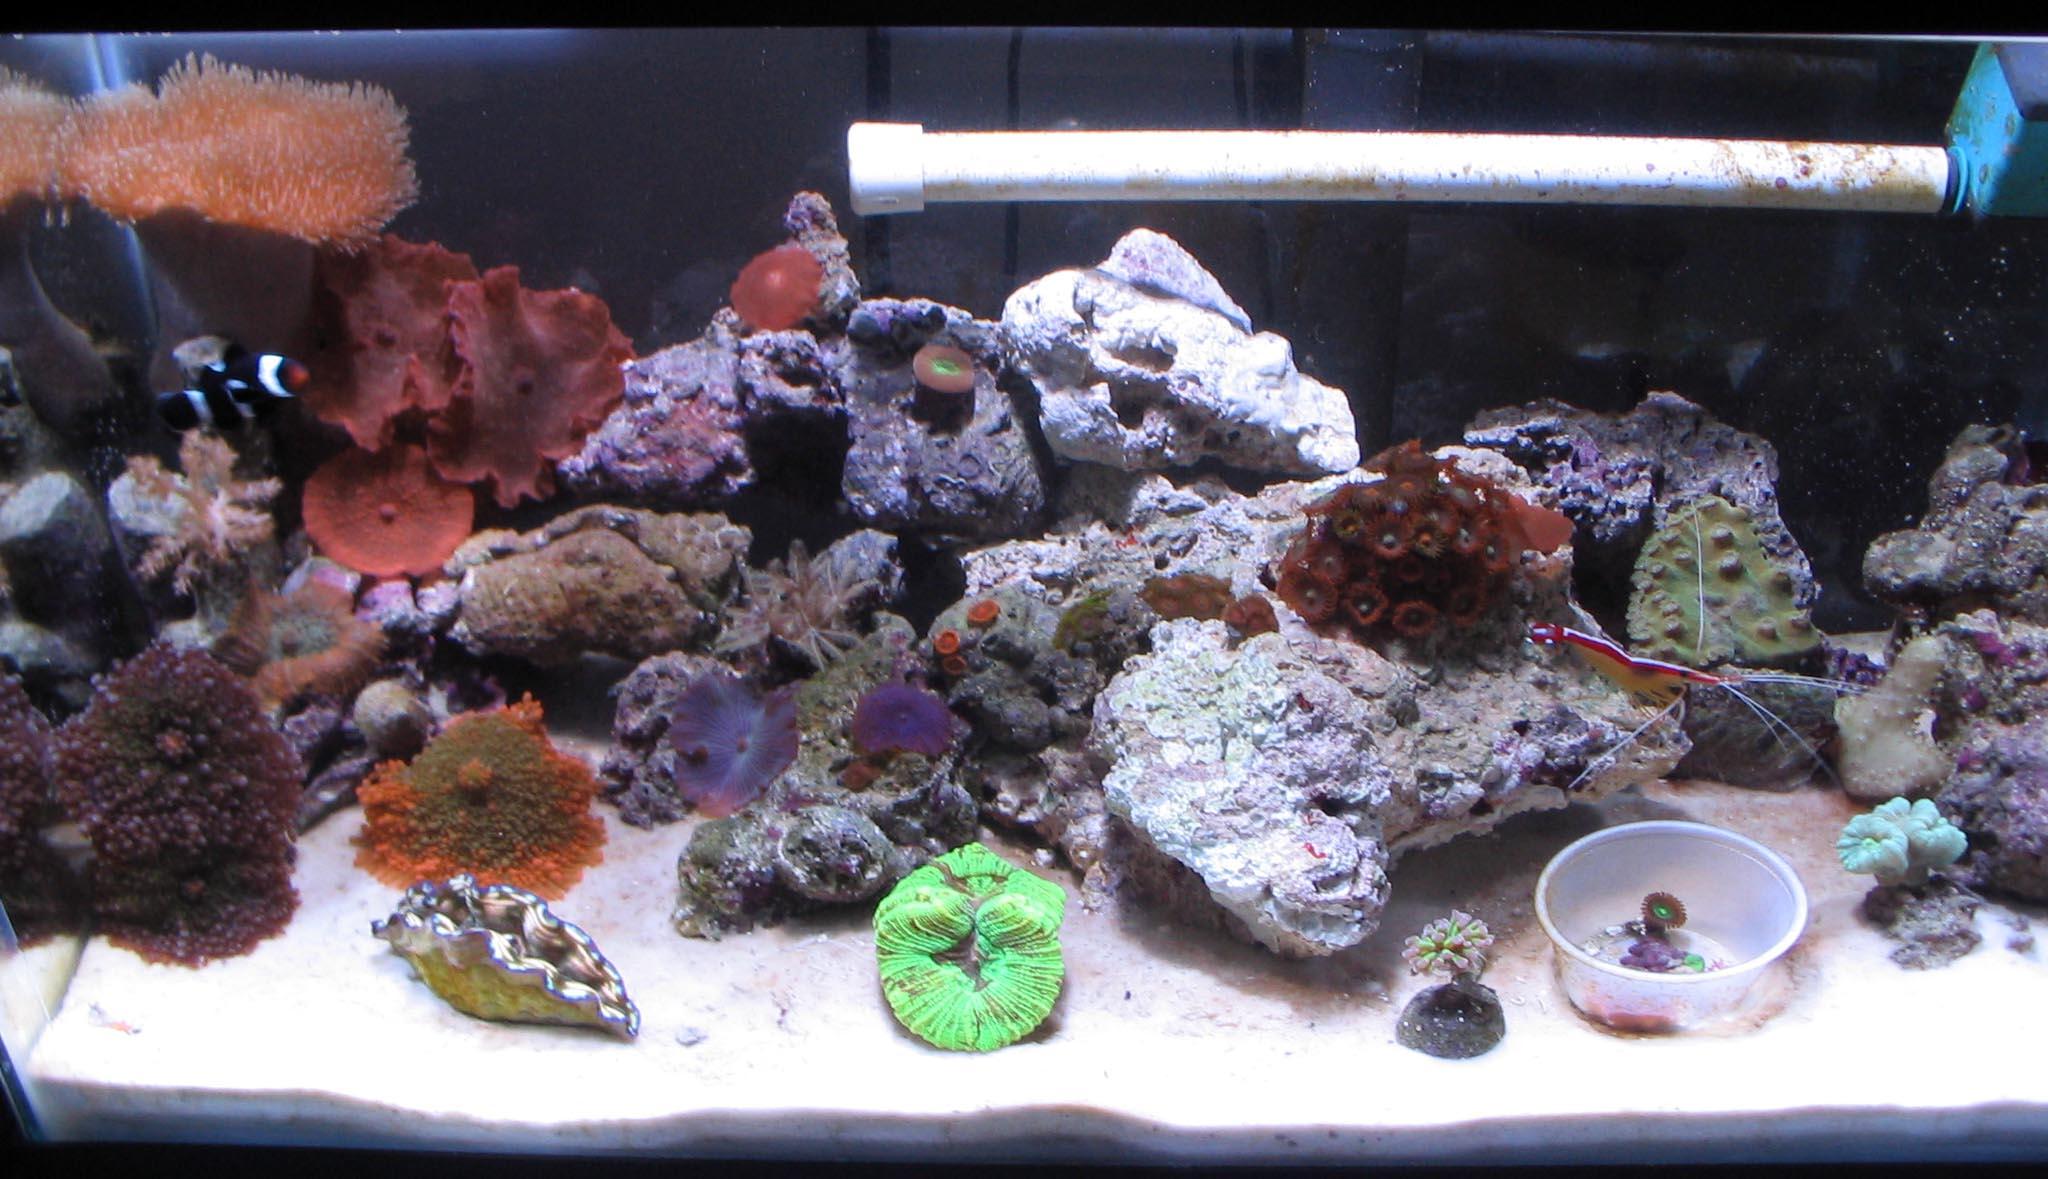 saltwater fish tank 10g - 10g Reef Saltwater Aquarium 2017 - Fish Tank ...